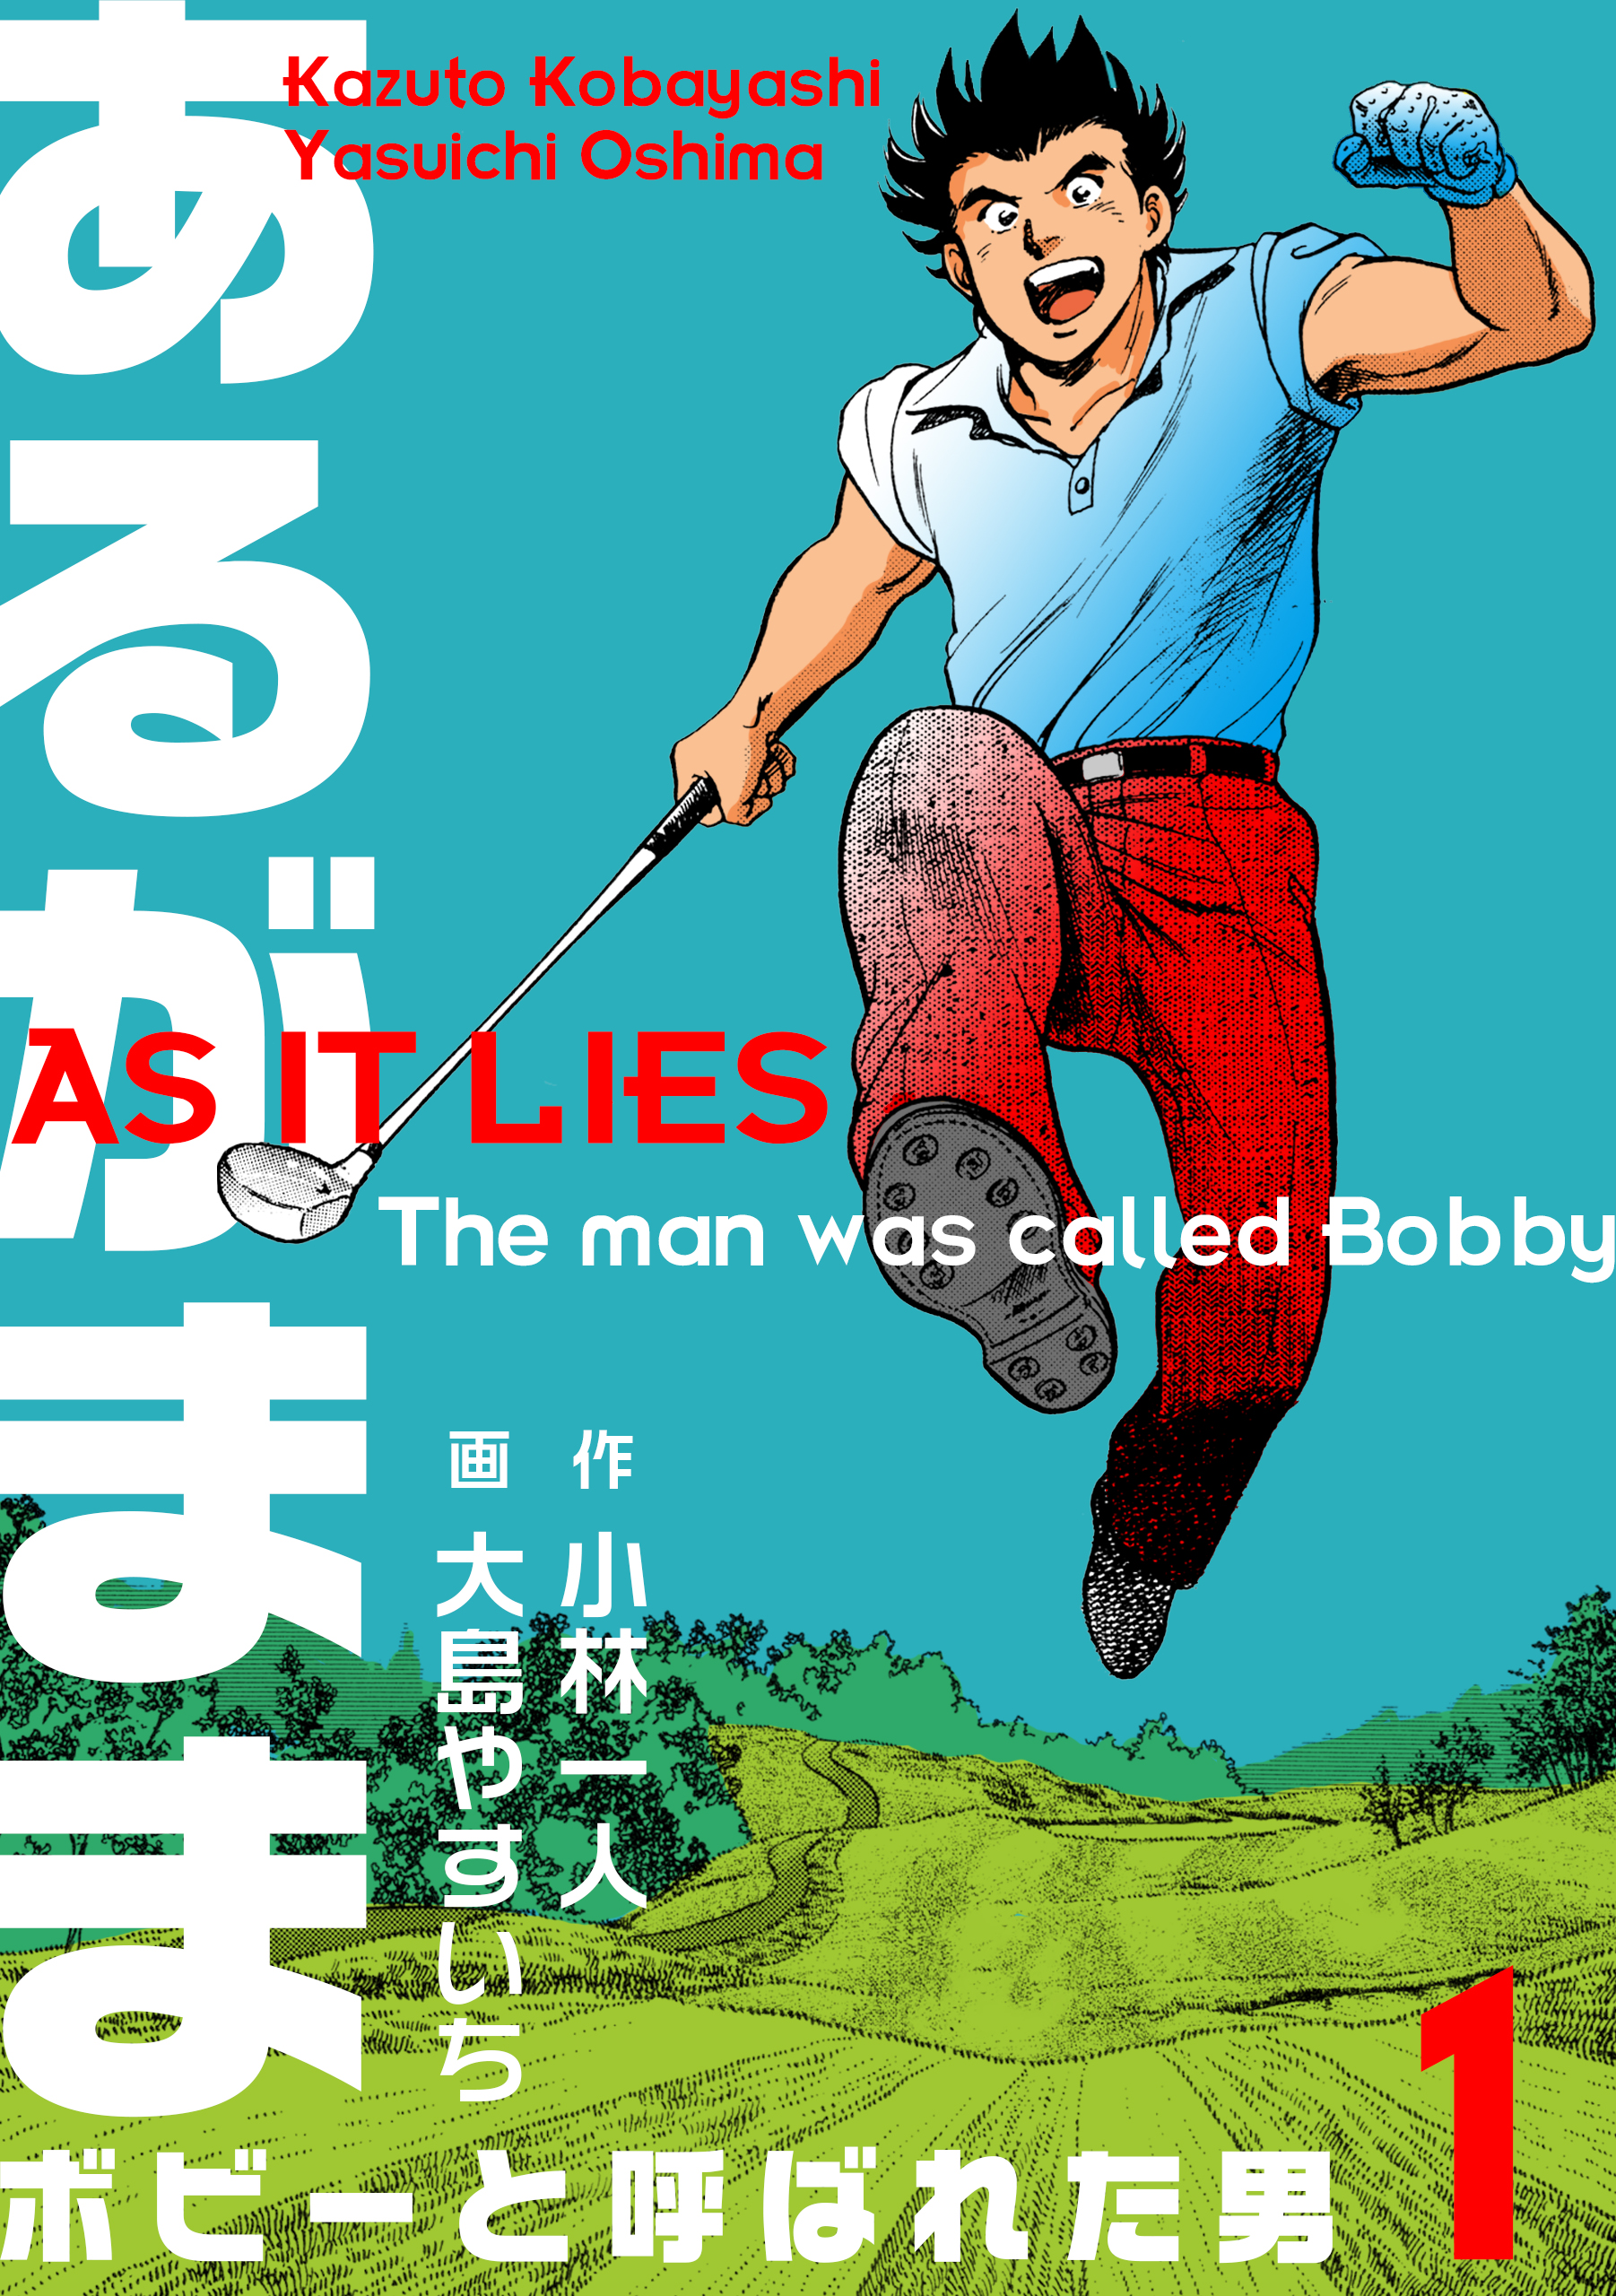 あるがまま-ボビーと呼ばれた男-(第1巻)